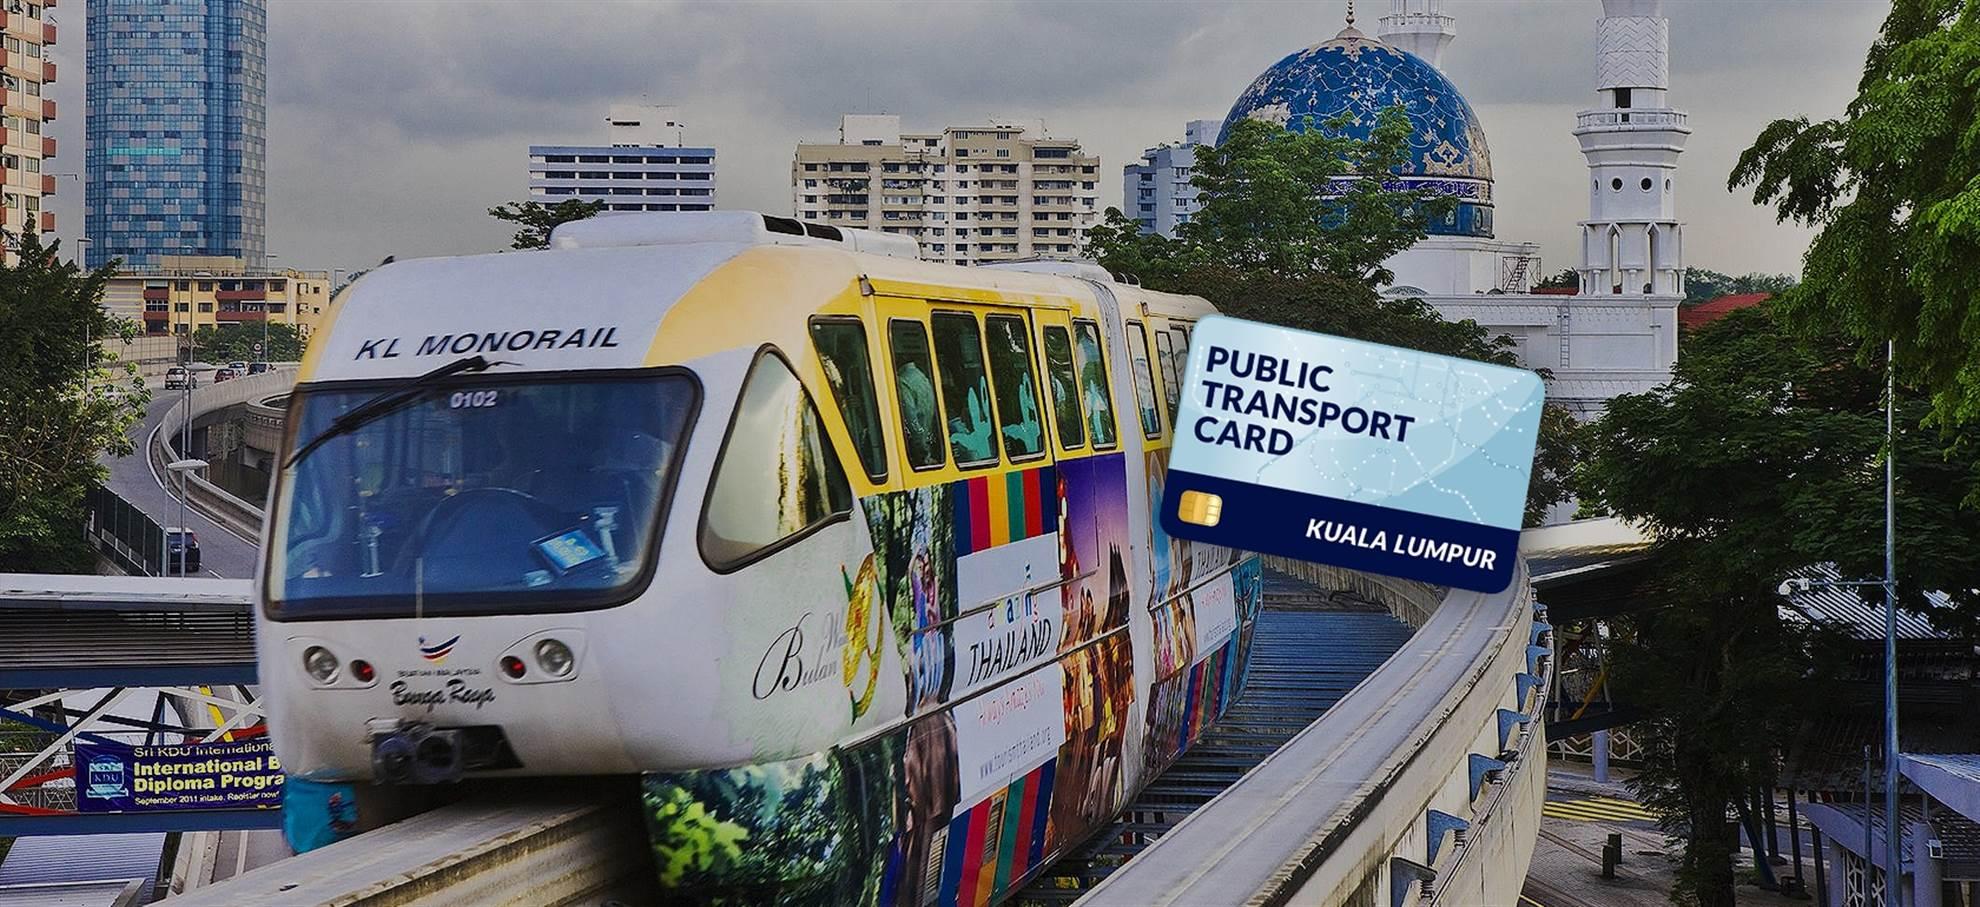 Куала Лумпуре Travel Card